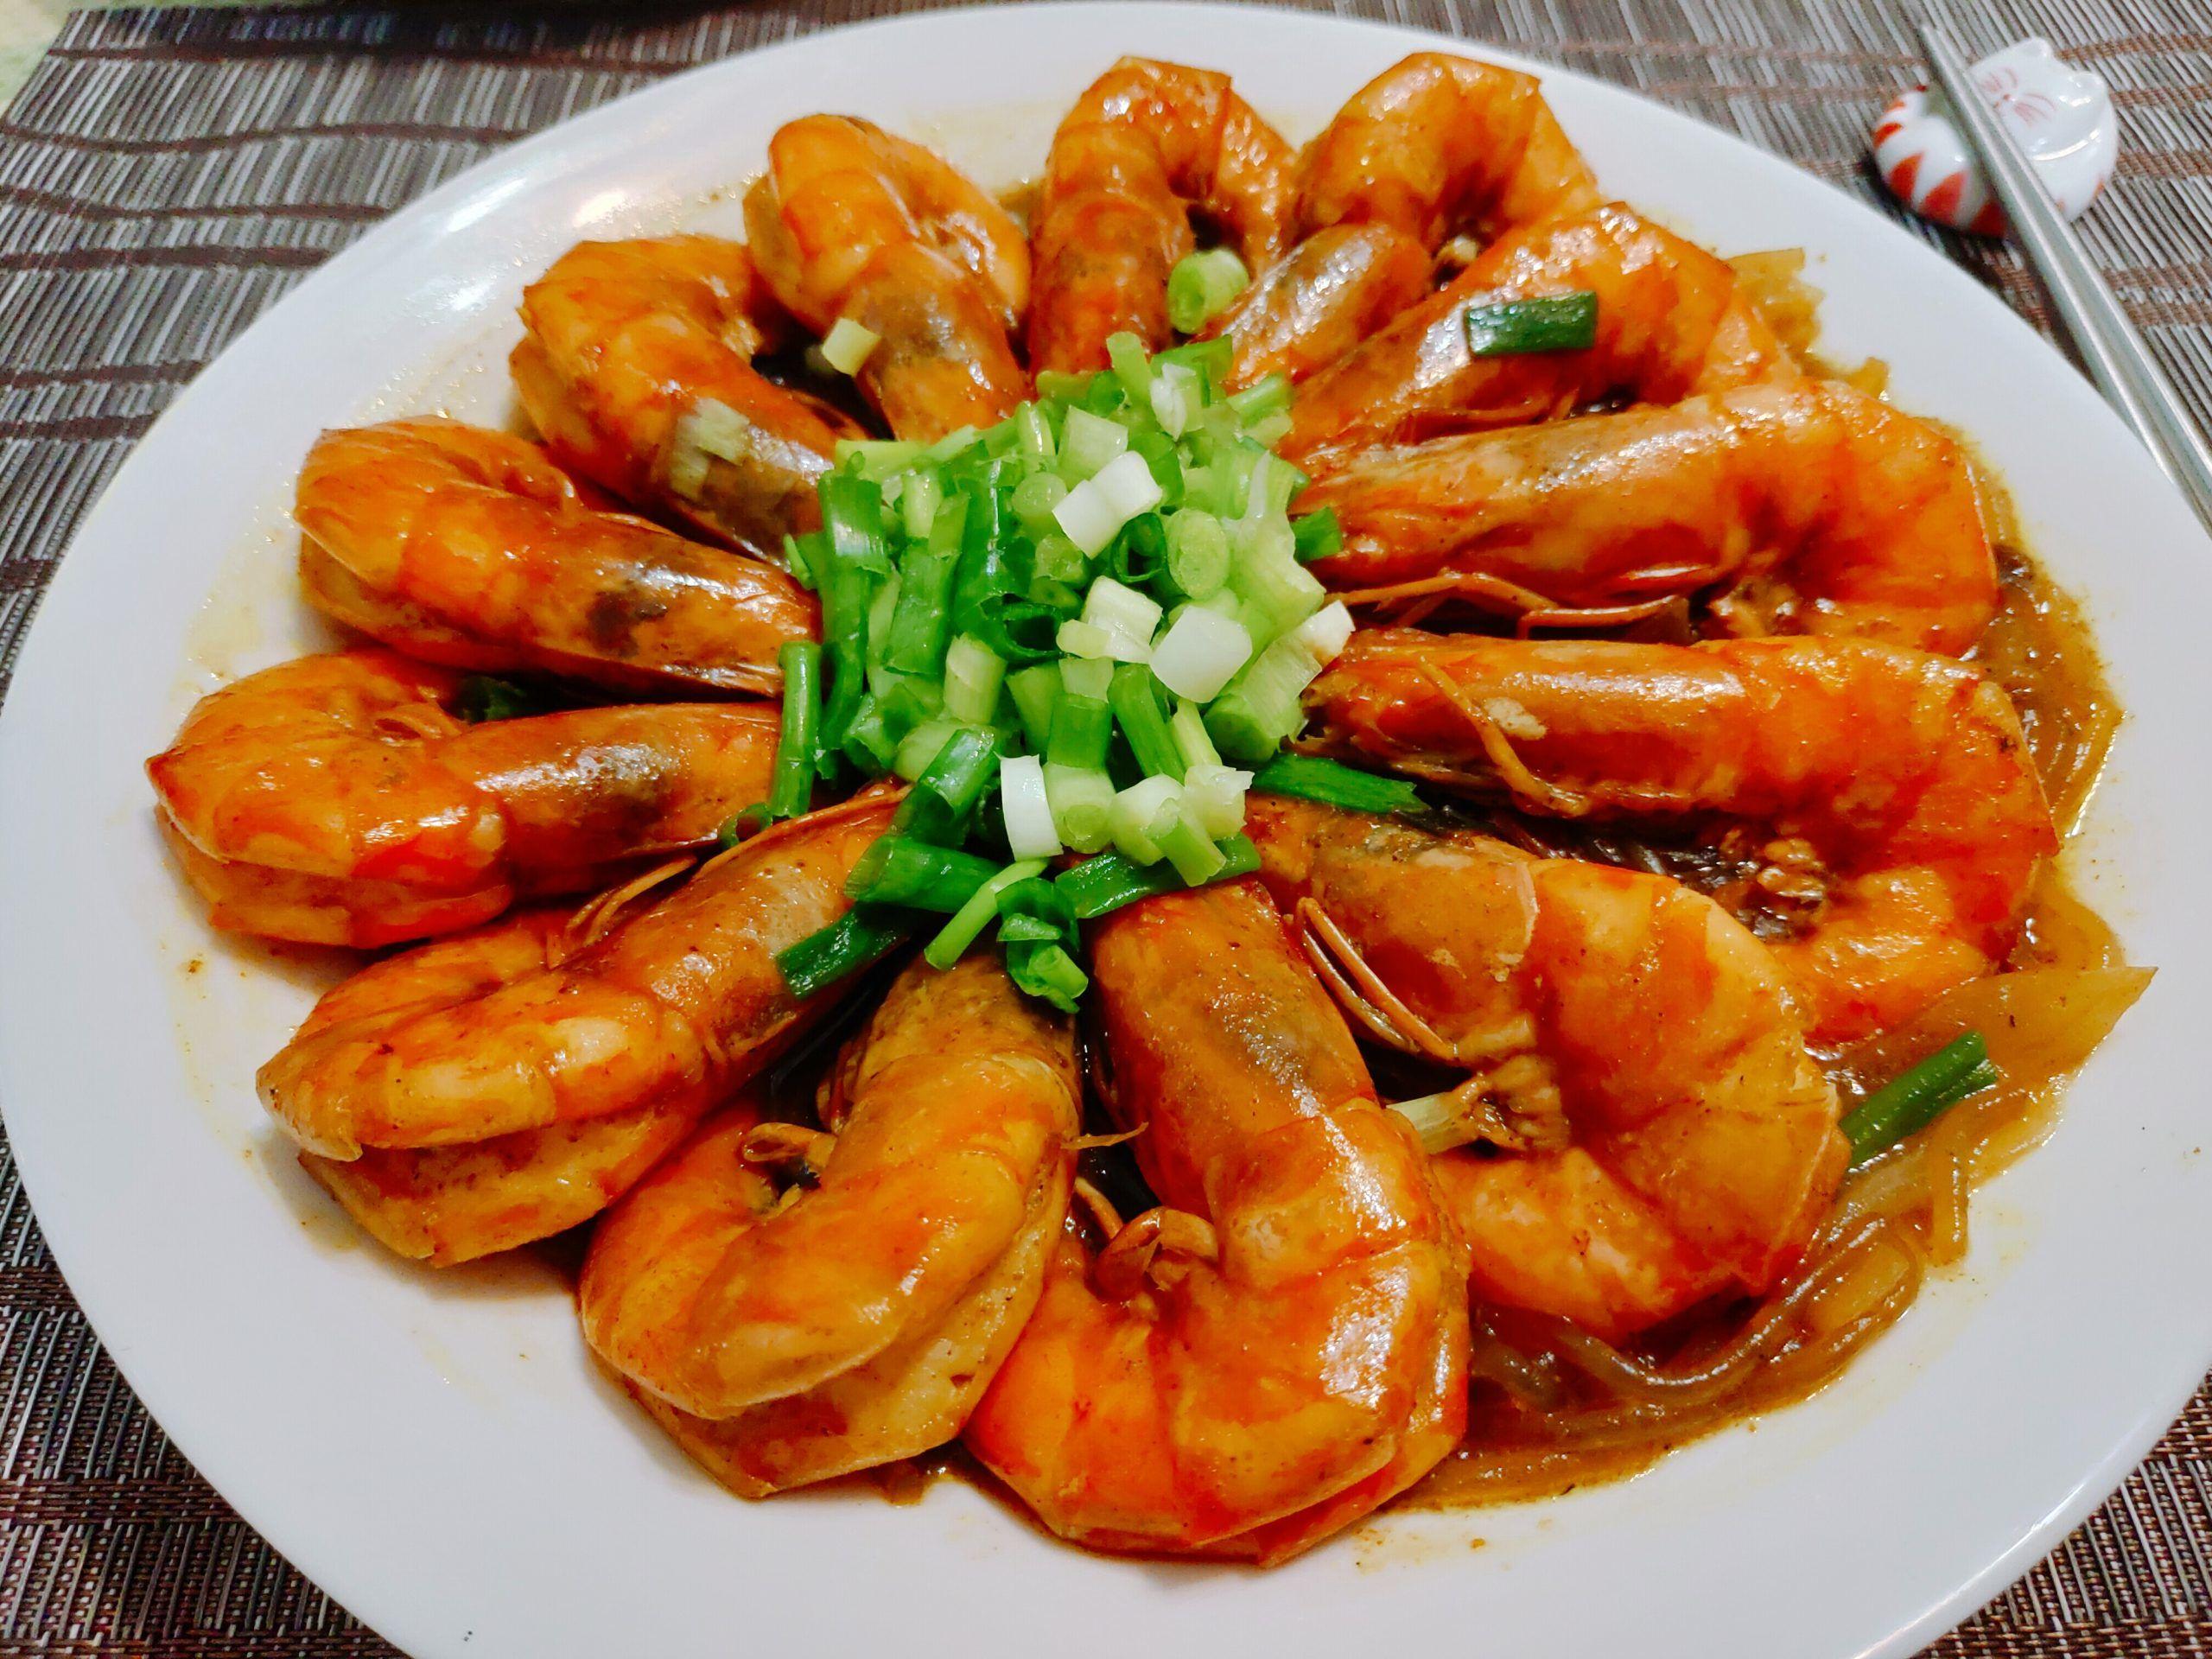 【食譜】咖哩鮮蝦粉絲煲|一點都不複雜,鮮蝦與粉絲共舞的味蕾享受